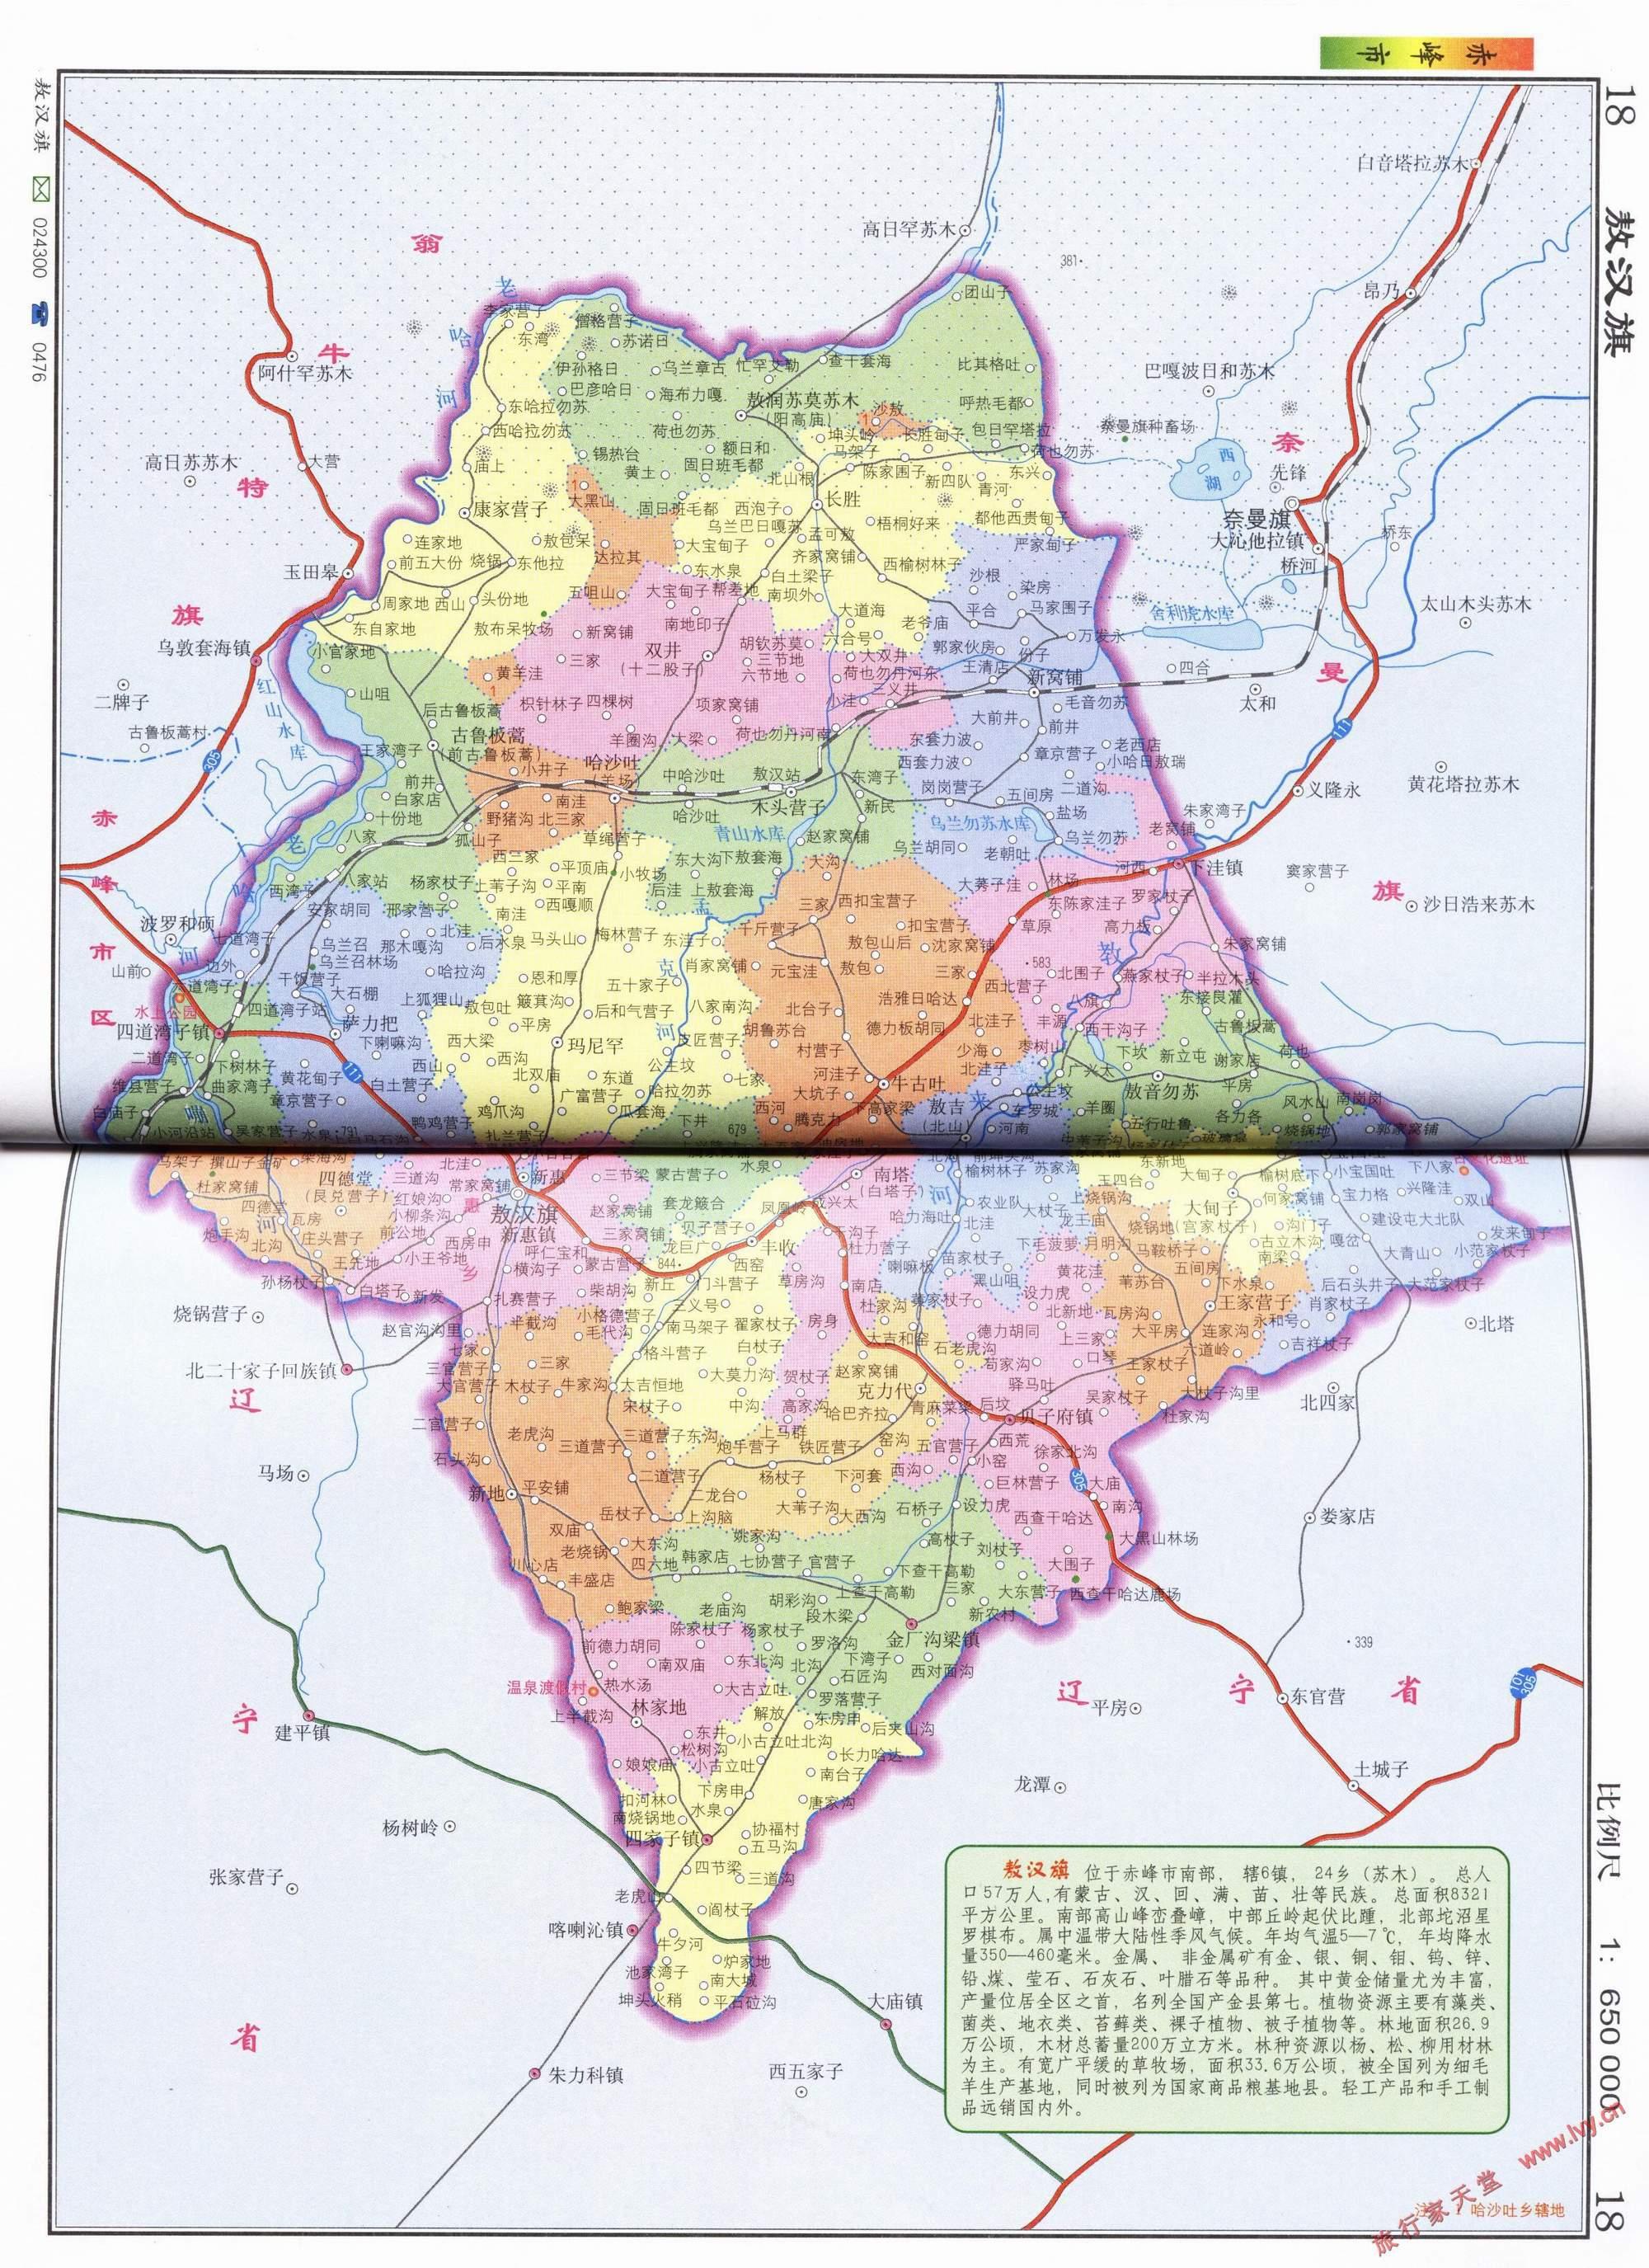 敖汉旗区划交通地图高清版_赤峰地图查询